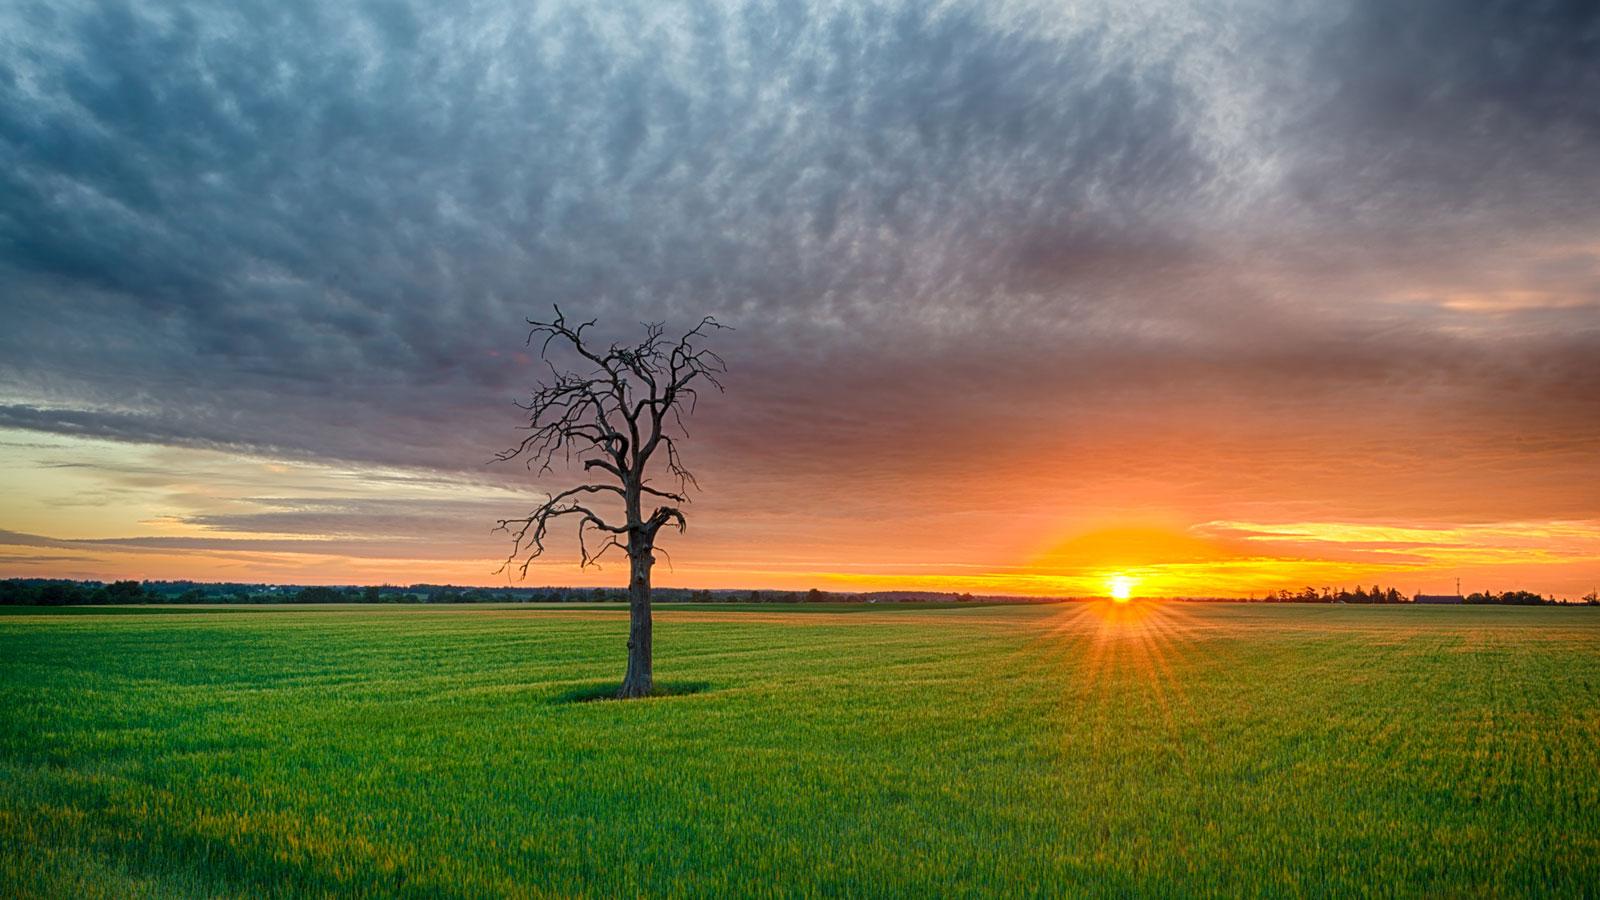 Landscape Photography - Steven Vandervelde Photography